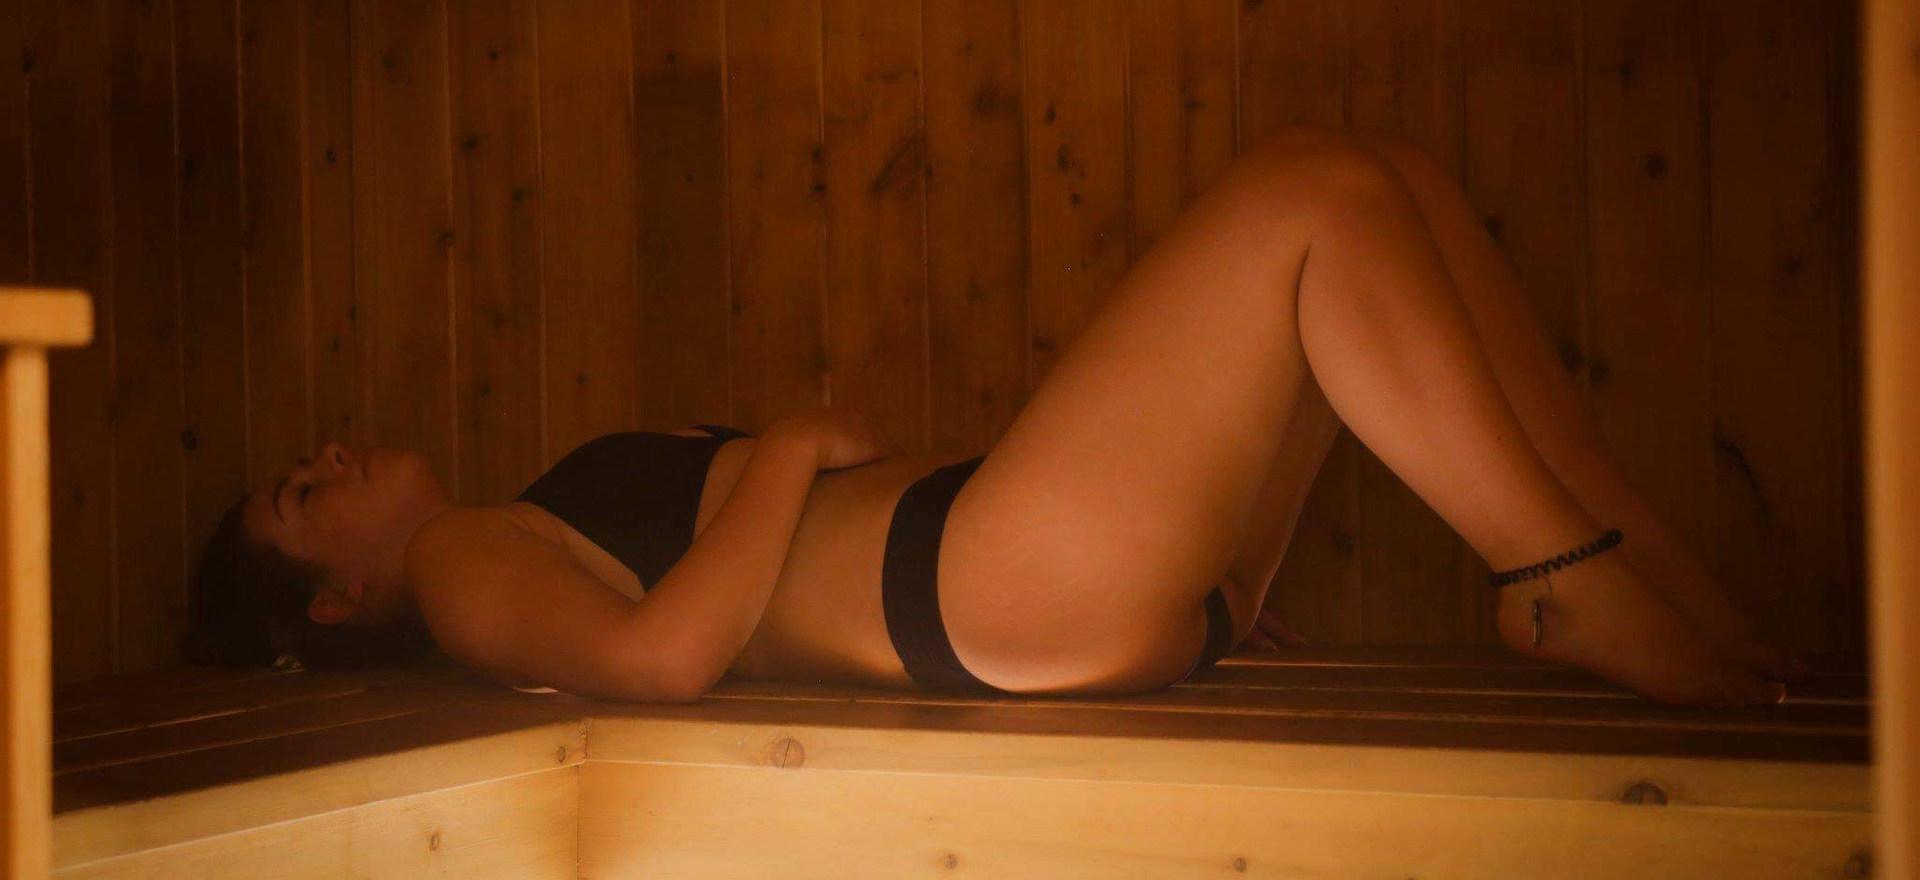 sauna sec |Hotel spa le suisse | bains nordiques | spa | St-donat | laurentides | lanaudière